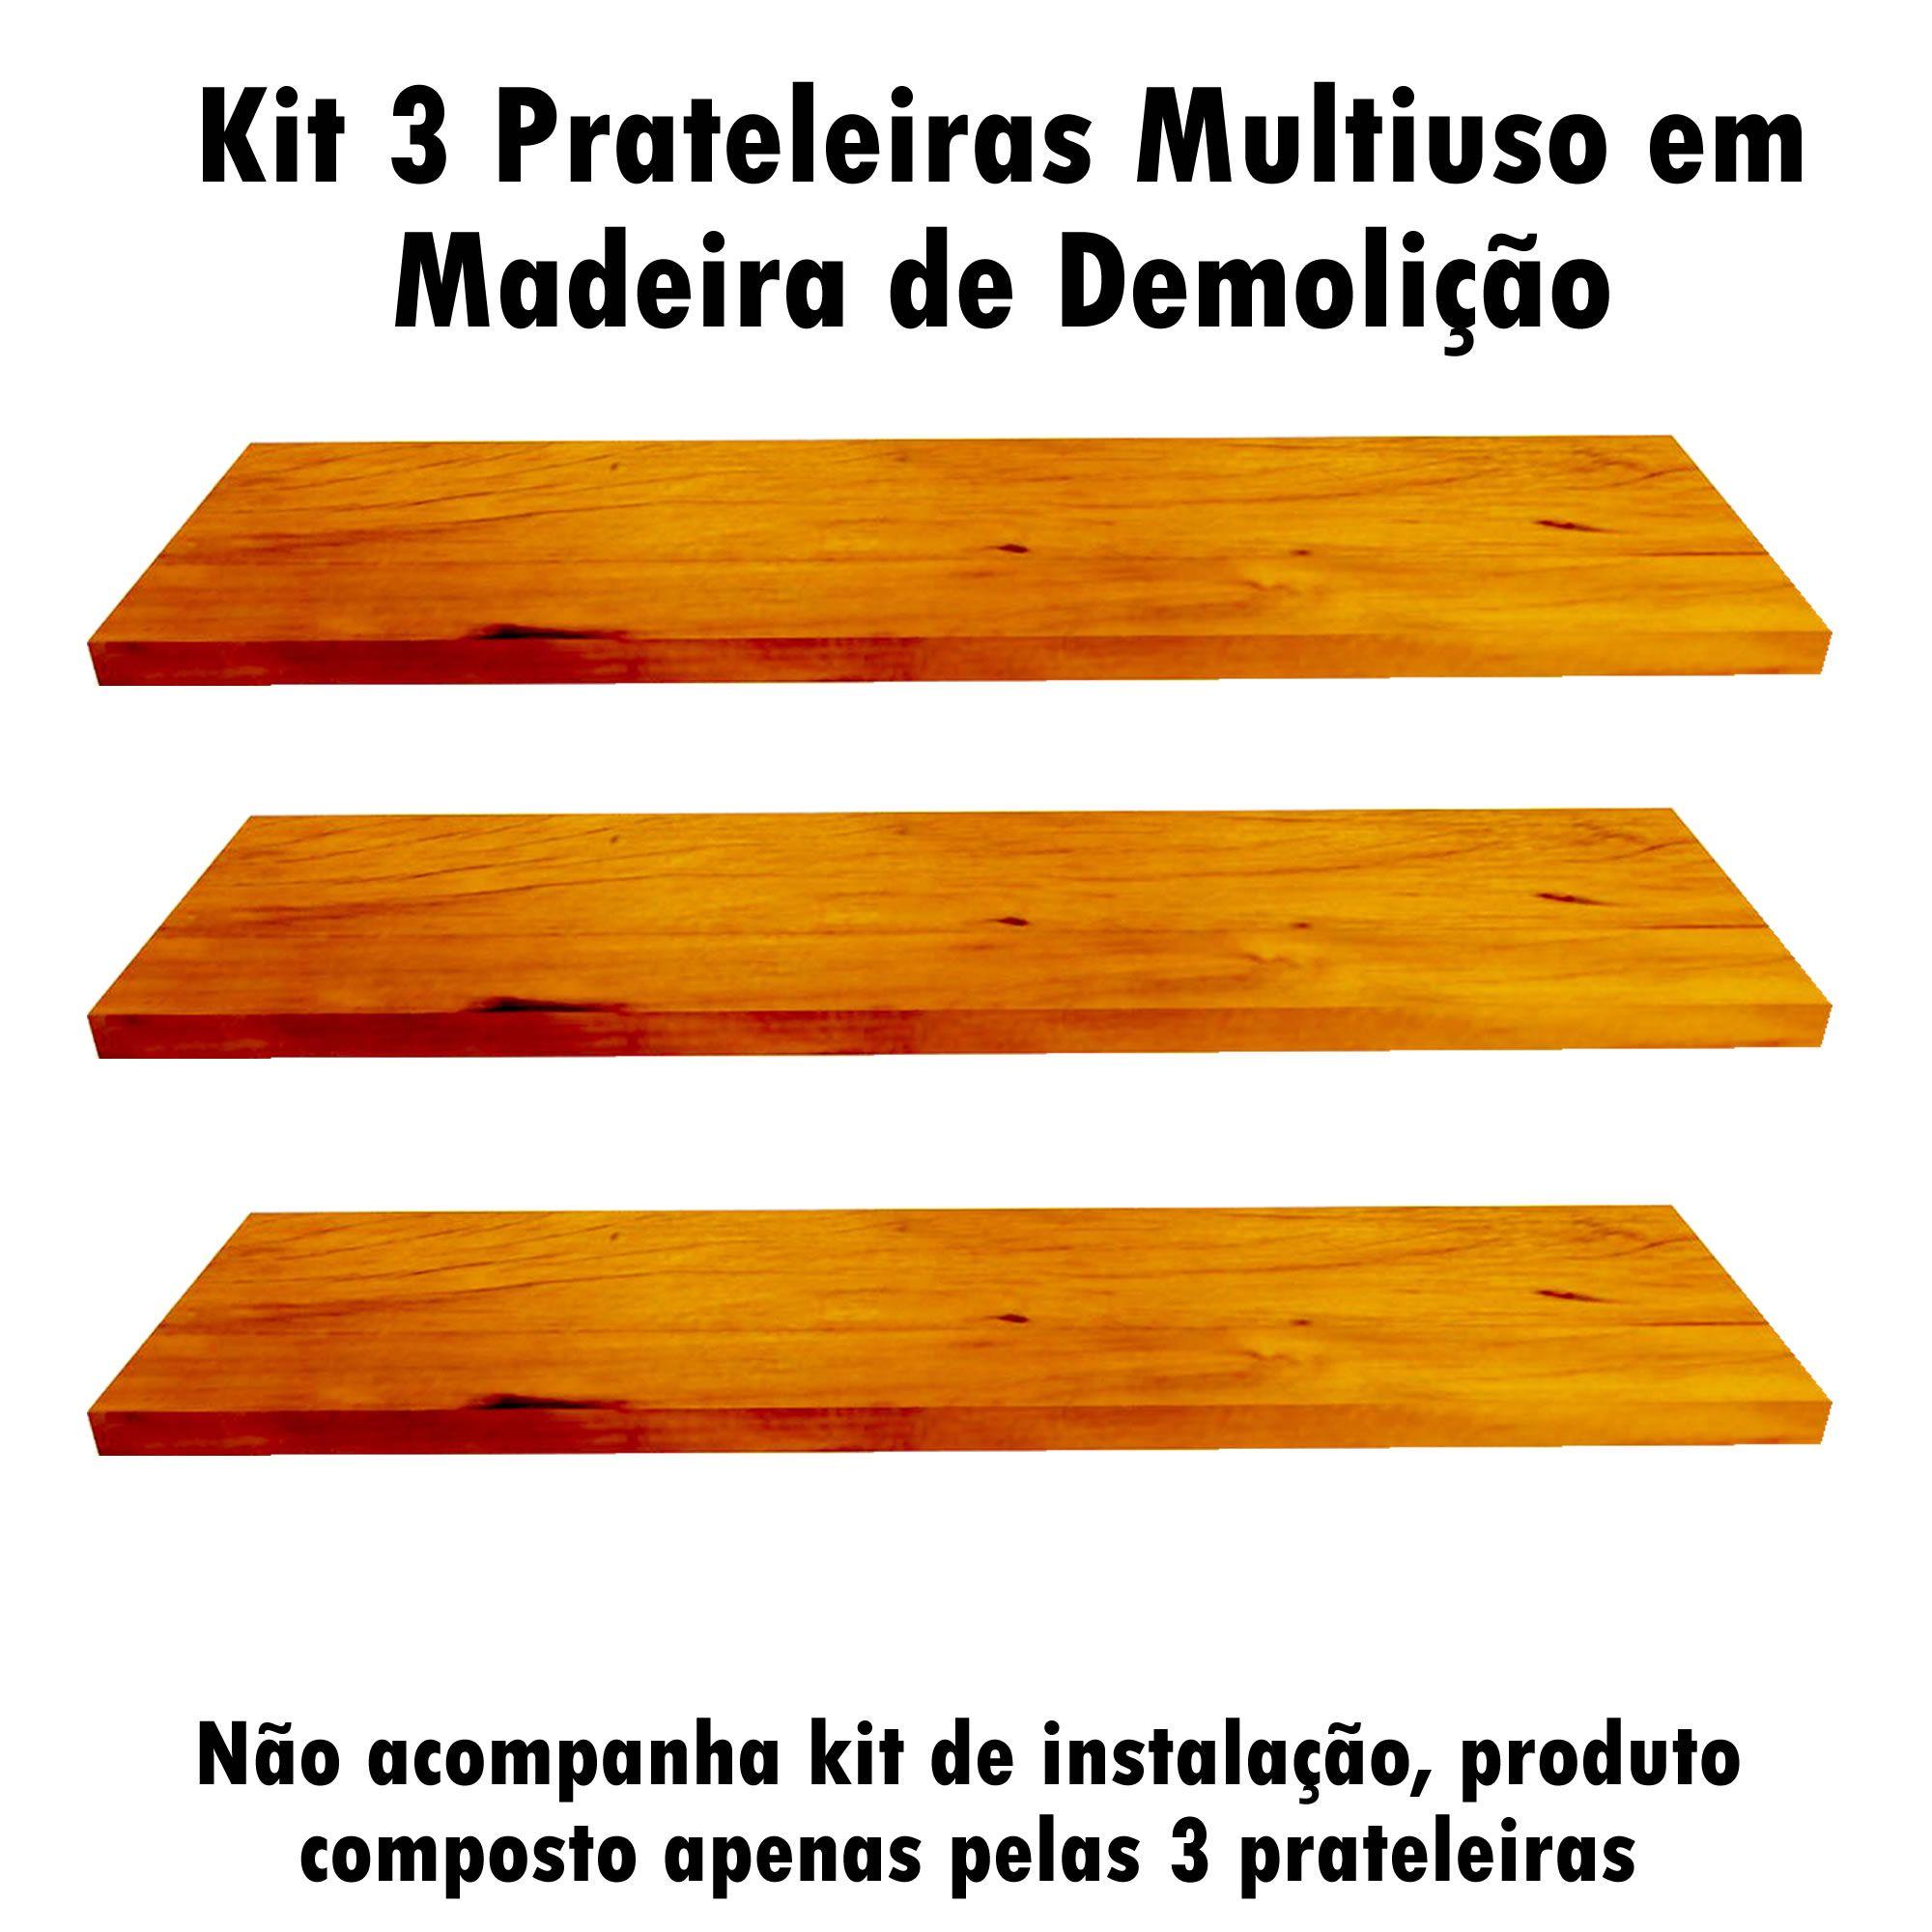 Kit 3 Prateleira Multiuso em Madeira De Demolição medindo 60x19x2